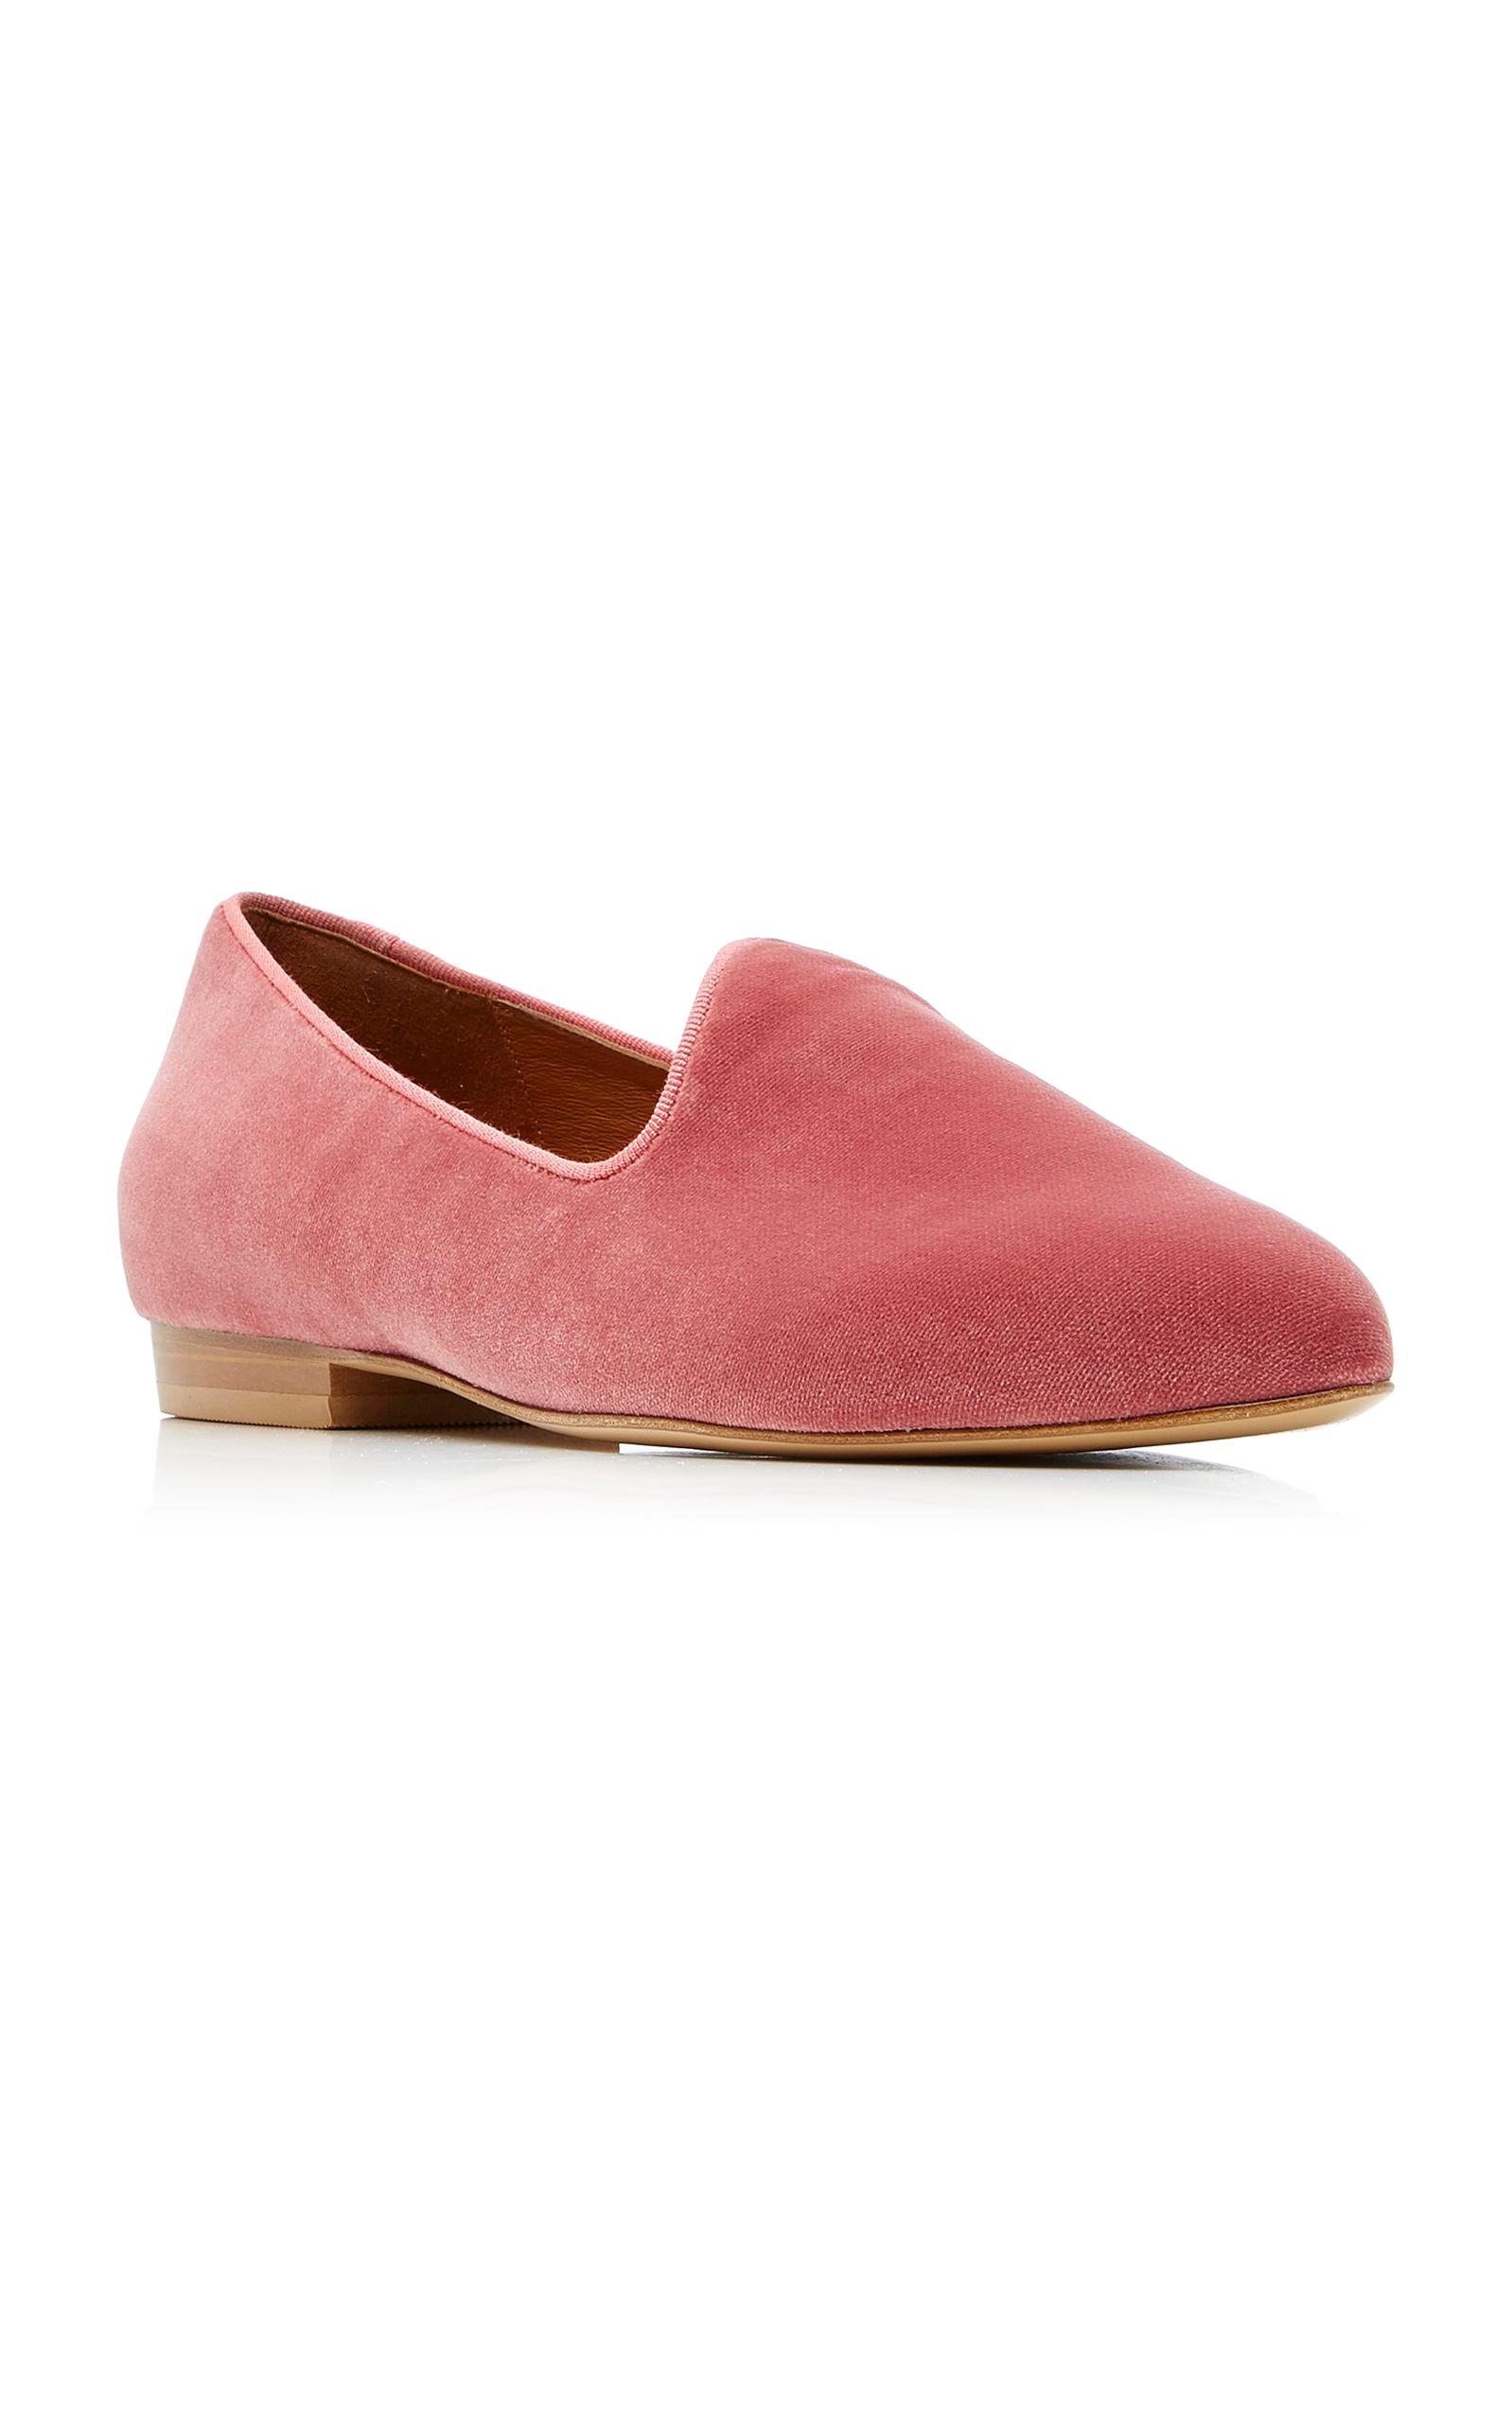 Venetian velvet slipper shoes Le Monde Beryl 5osVdMJO2